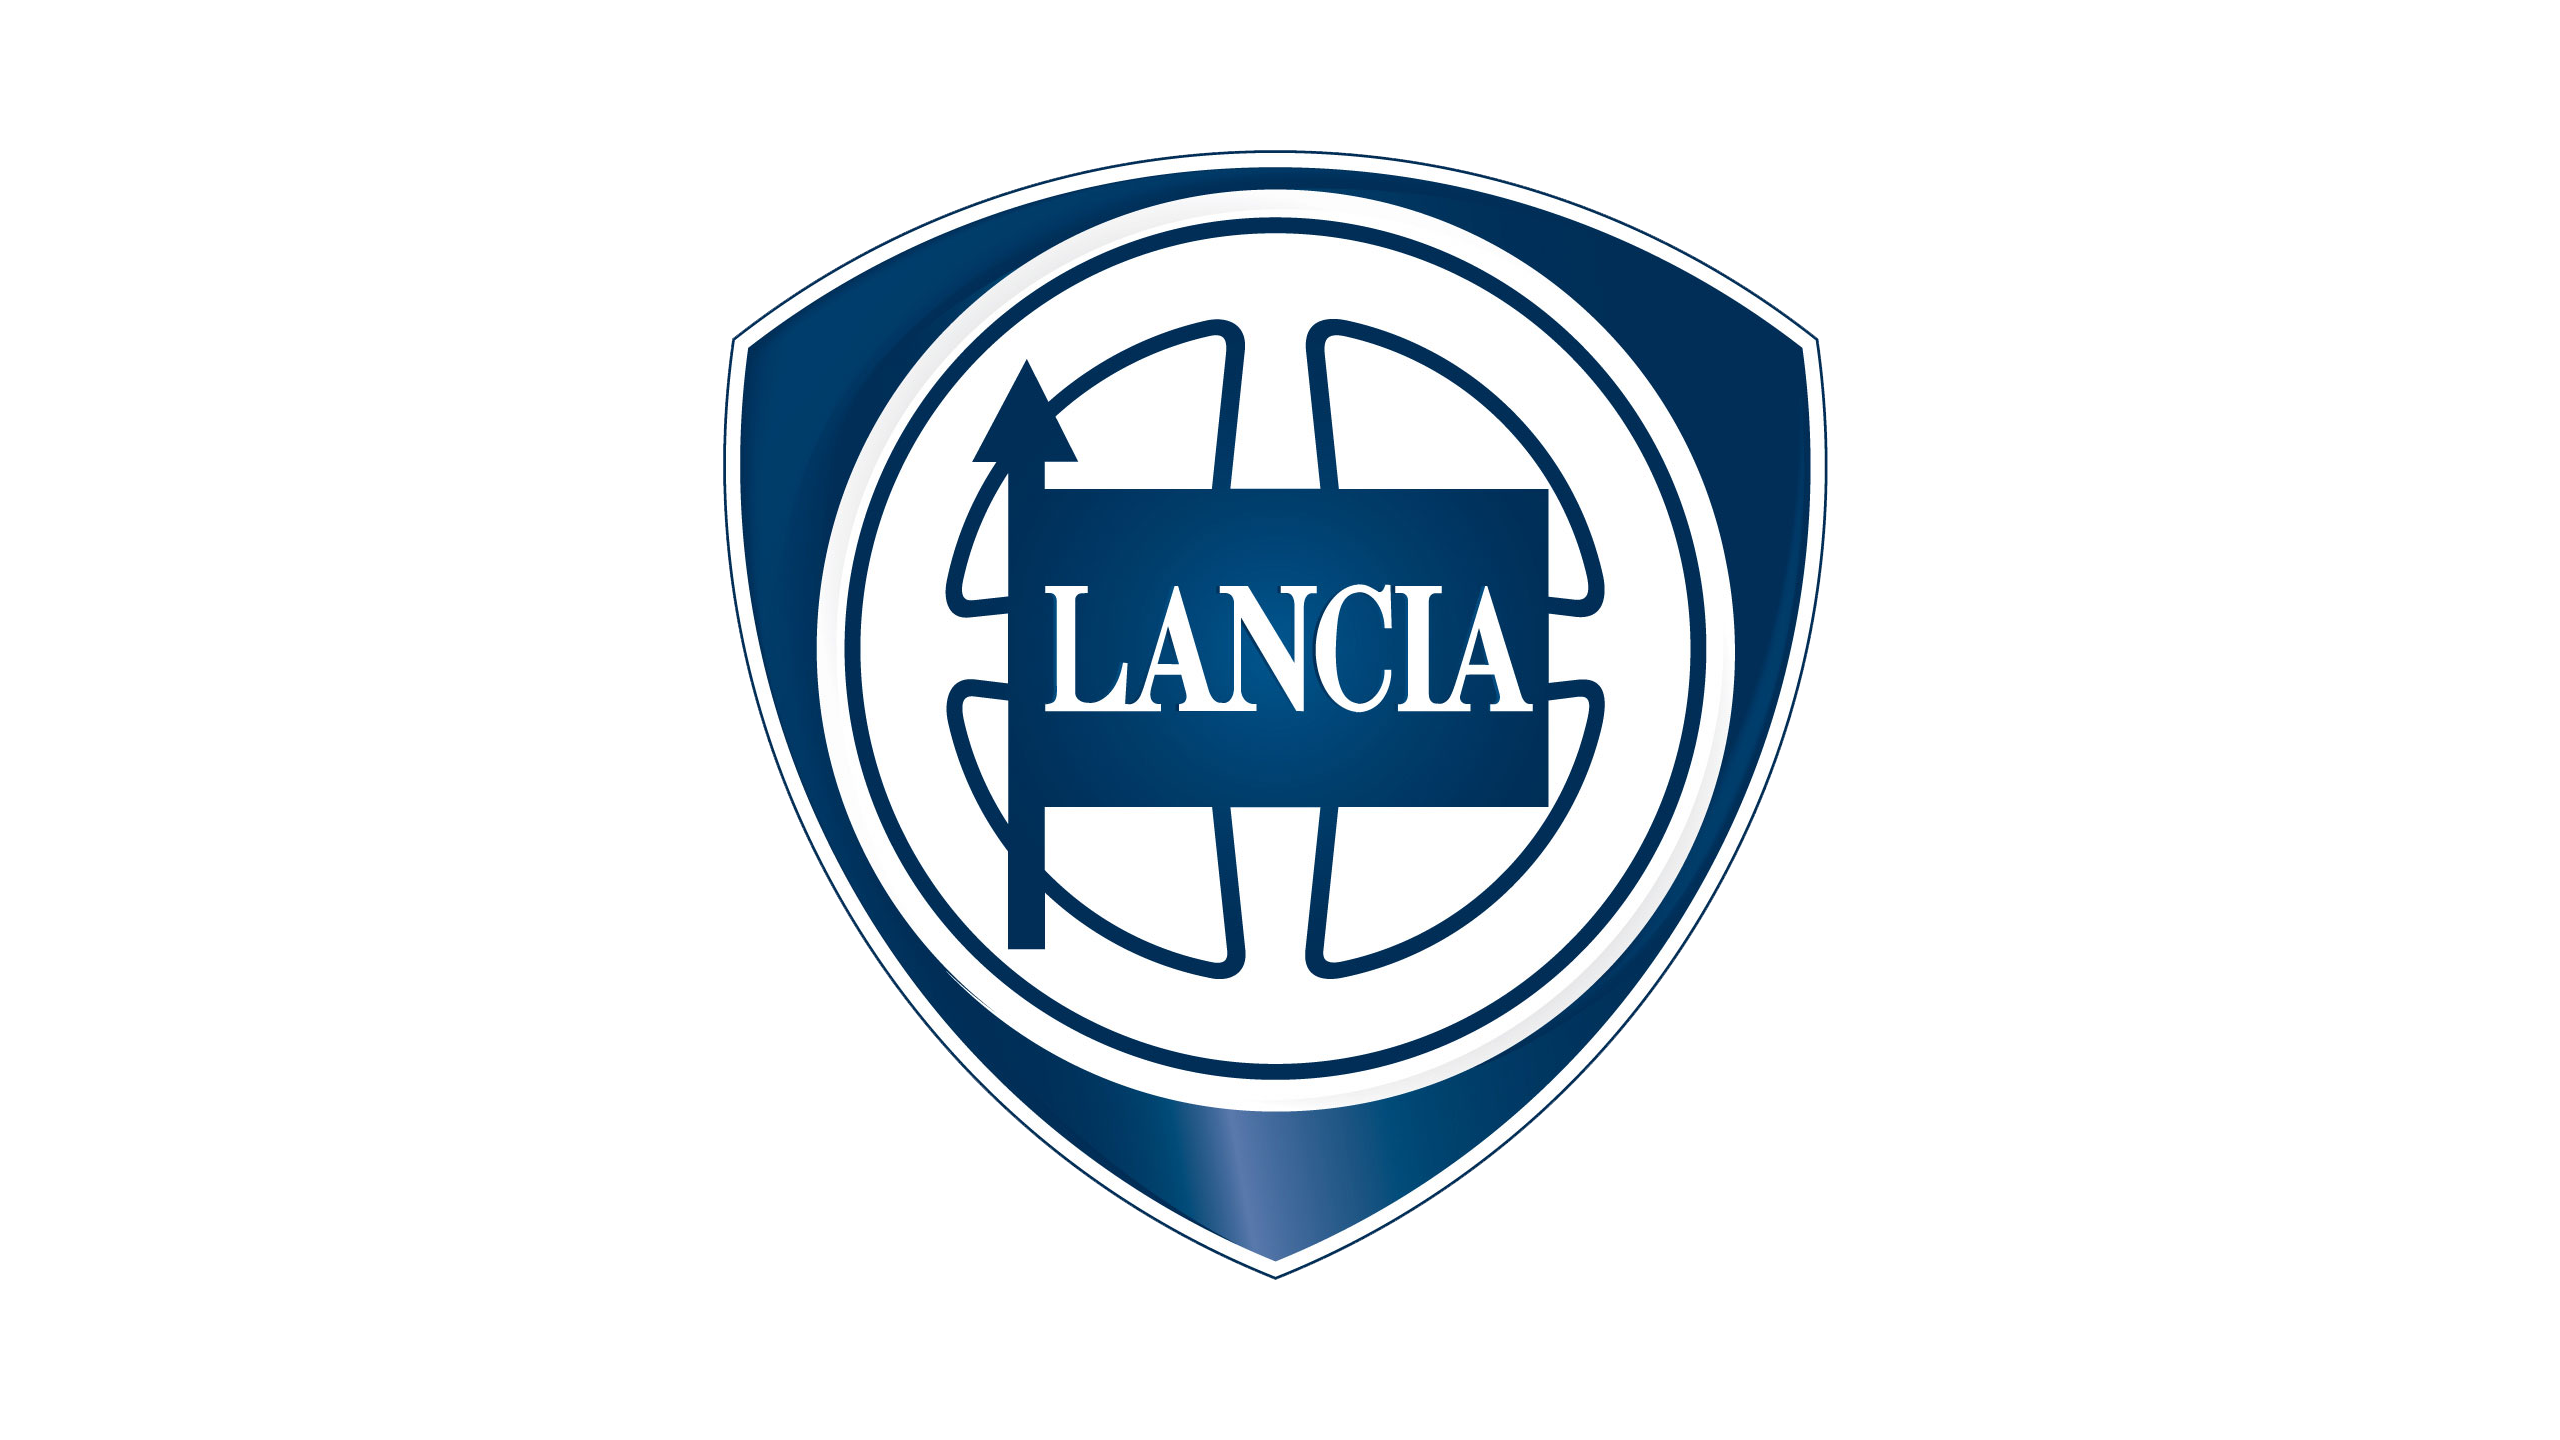 lancia logo, hd png, meaning, information | carlogos